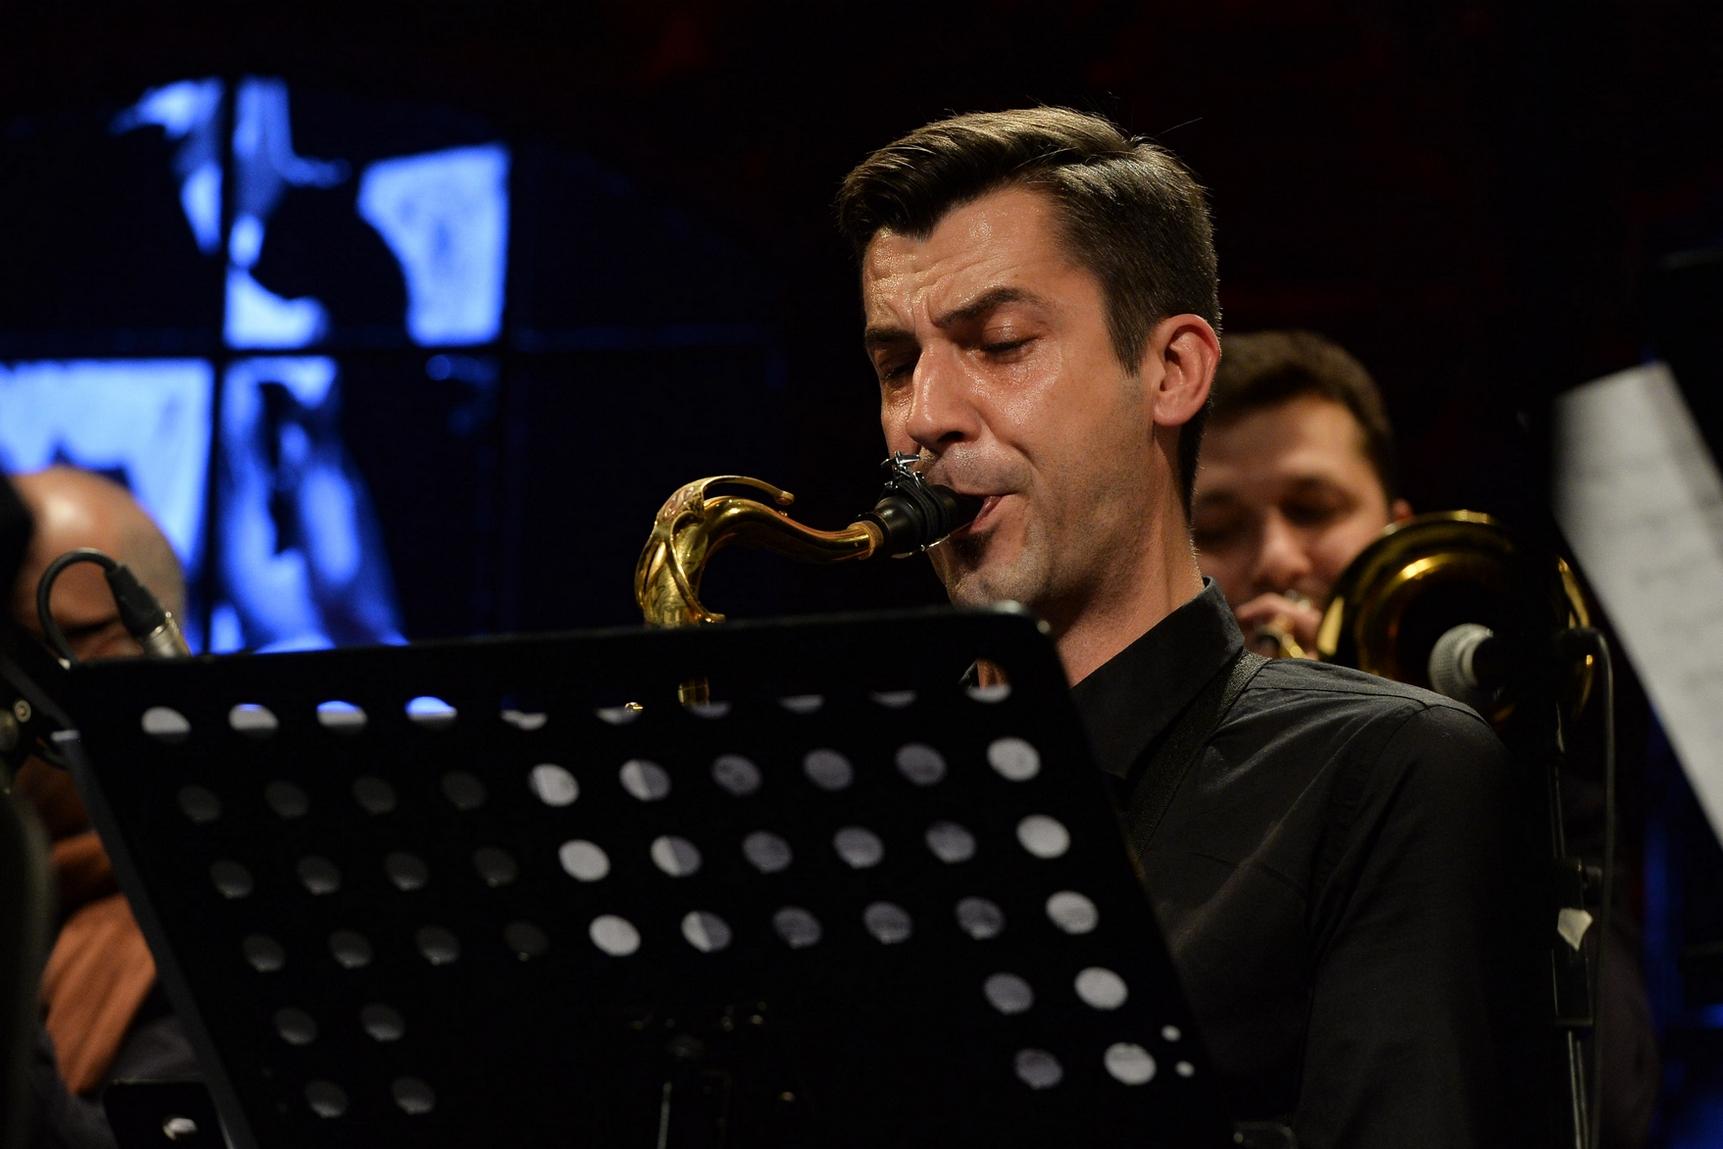 Kristijan Mlacak with Vladimir Nikolov/Srdjan Ivanovic  Undectet :Aristry In Broken Rhythm